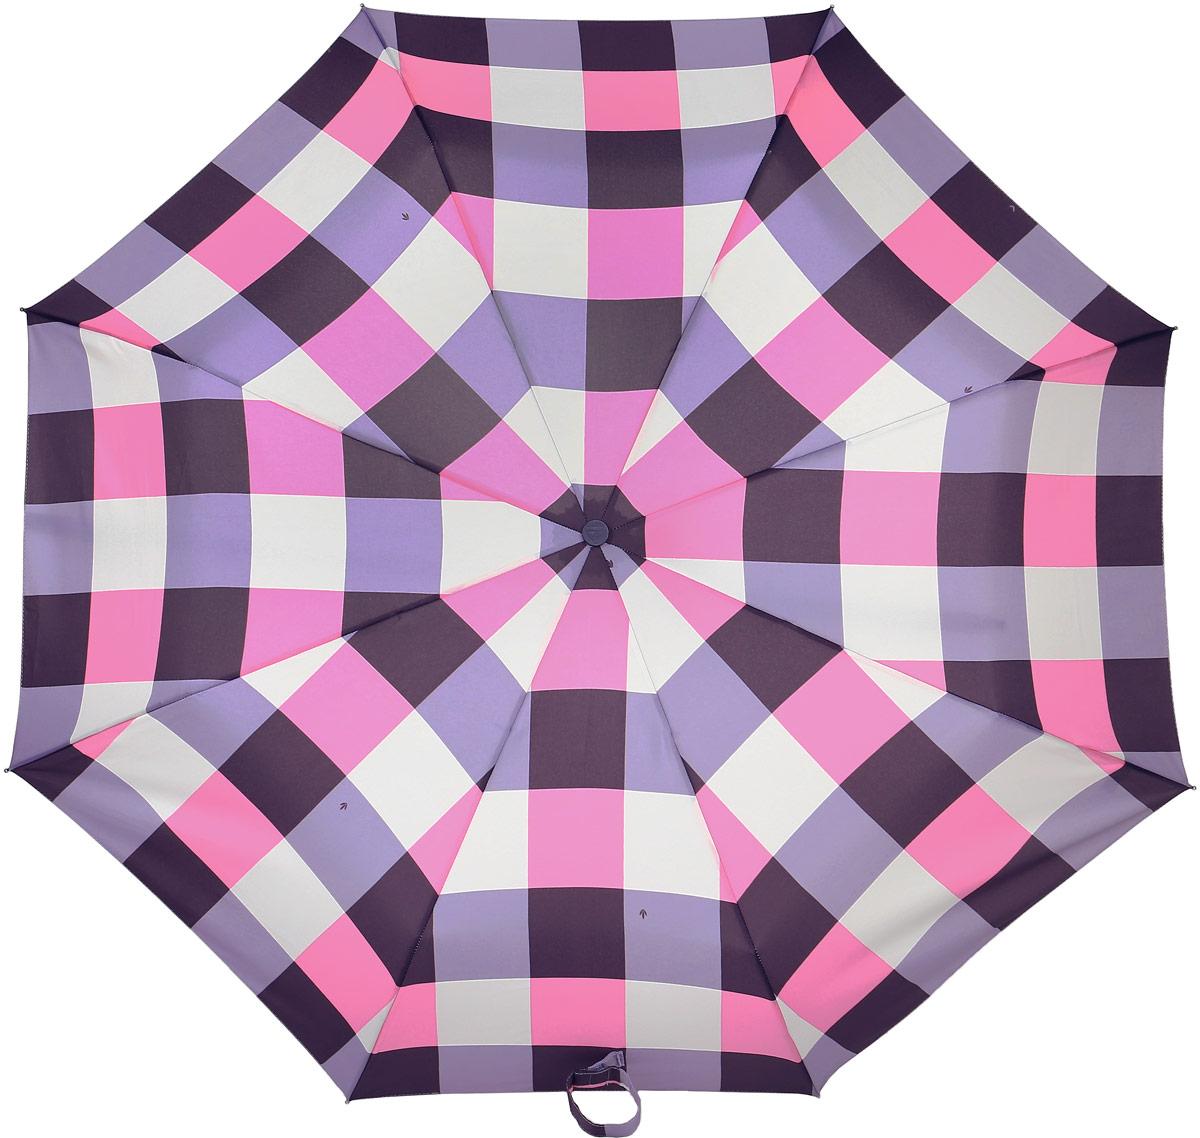 Зонт женский Fulton, механический, 3 сложения, цвет: розовый, бордовый. L354-3379Колье (короткие одноярусные бусы)Стильный механический зонт Fulton имеет 3 сложения, даже в ненастную погоду позволит вам оставаться стильной. Легкий, но в тоже время прочный алюминиевый каркас состоит из восьми спиц с элементами из фибергласса. Купол зонта выполнен из прочного полиэстера с водоотталкивающей пропиткой. Рукоятка закругленной формы, разработанная с учетом требований эргономики, выполнена из каучука. Зонт имеет механический способ сложения: и купол, и стержень открываются и закрываются вручную до характерного щелчка.